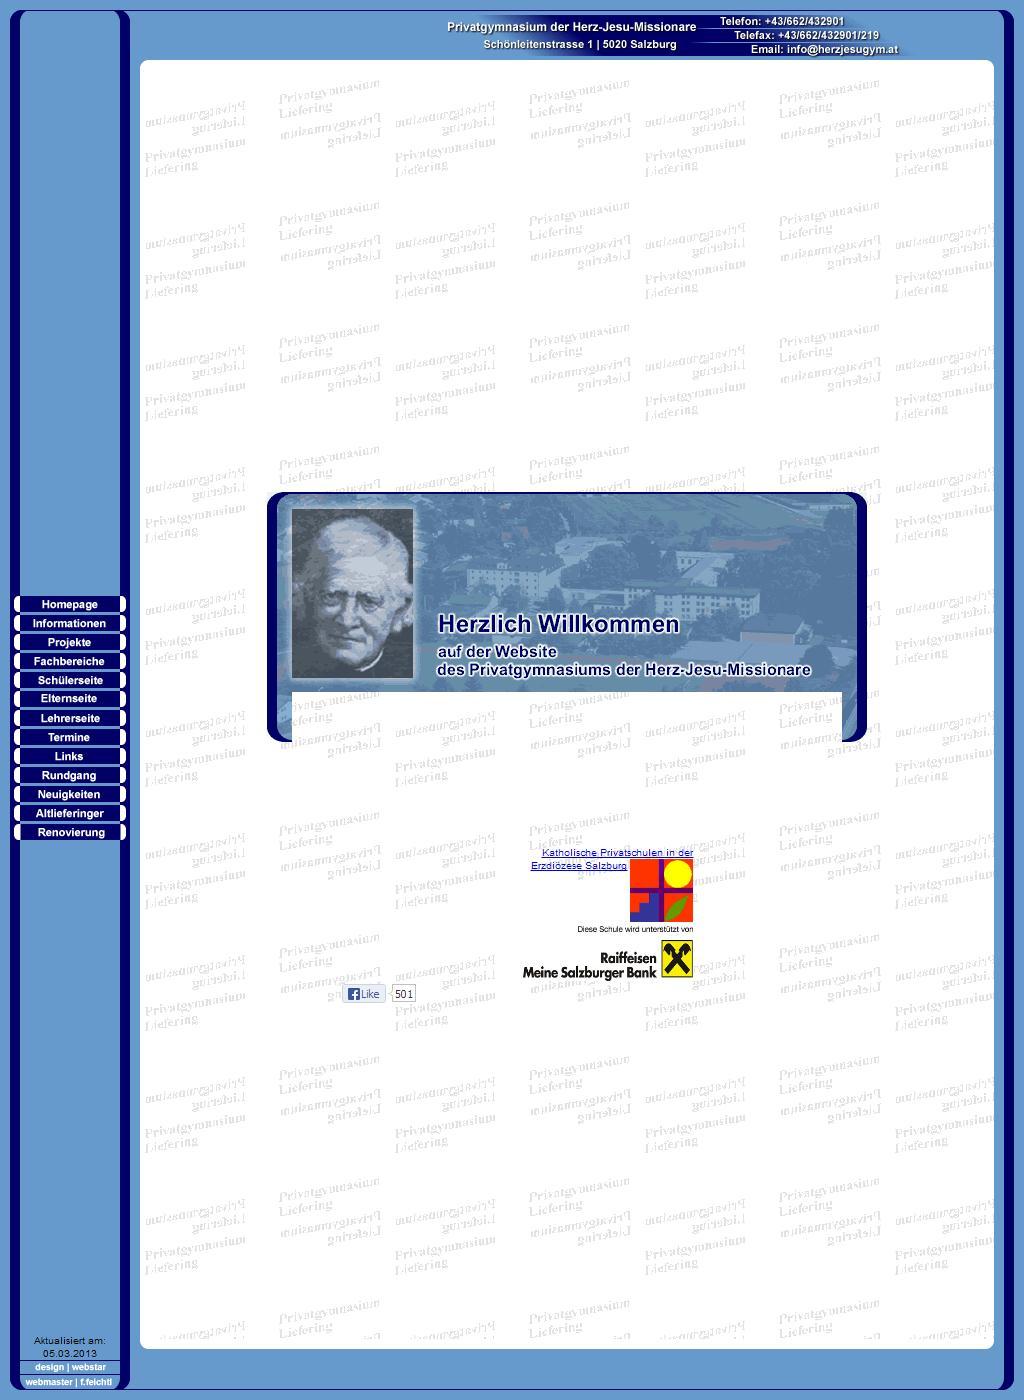 PG der Herz-Jesu-Missionare -  Homepage